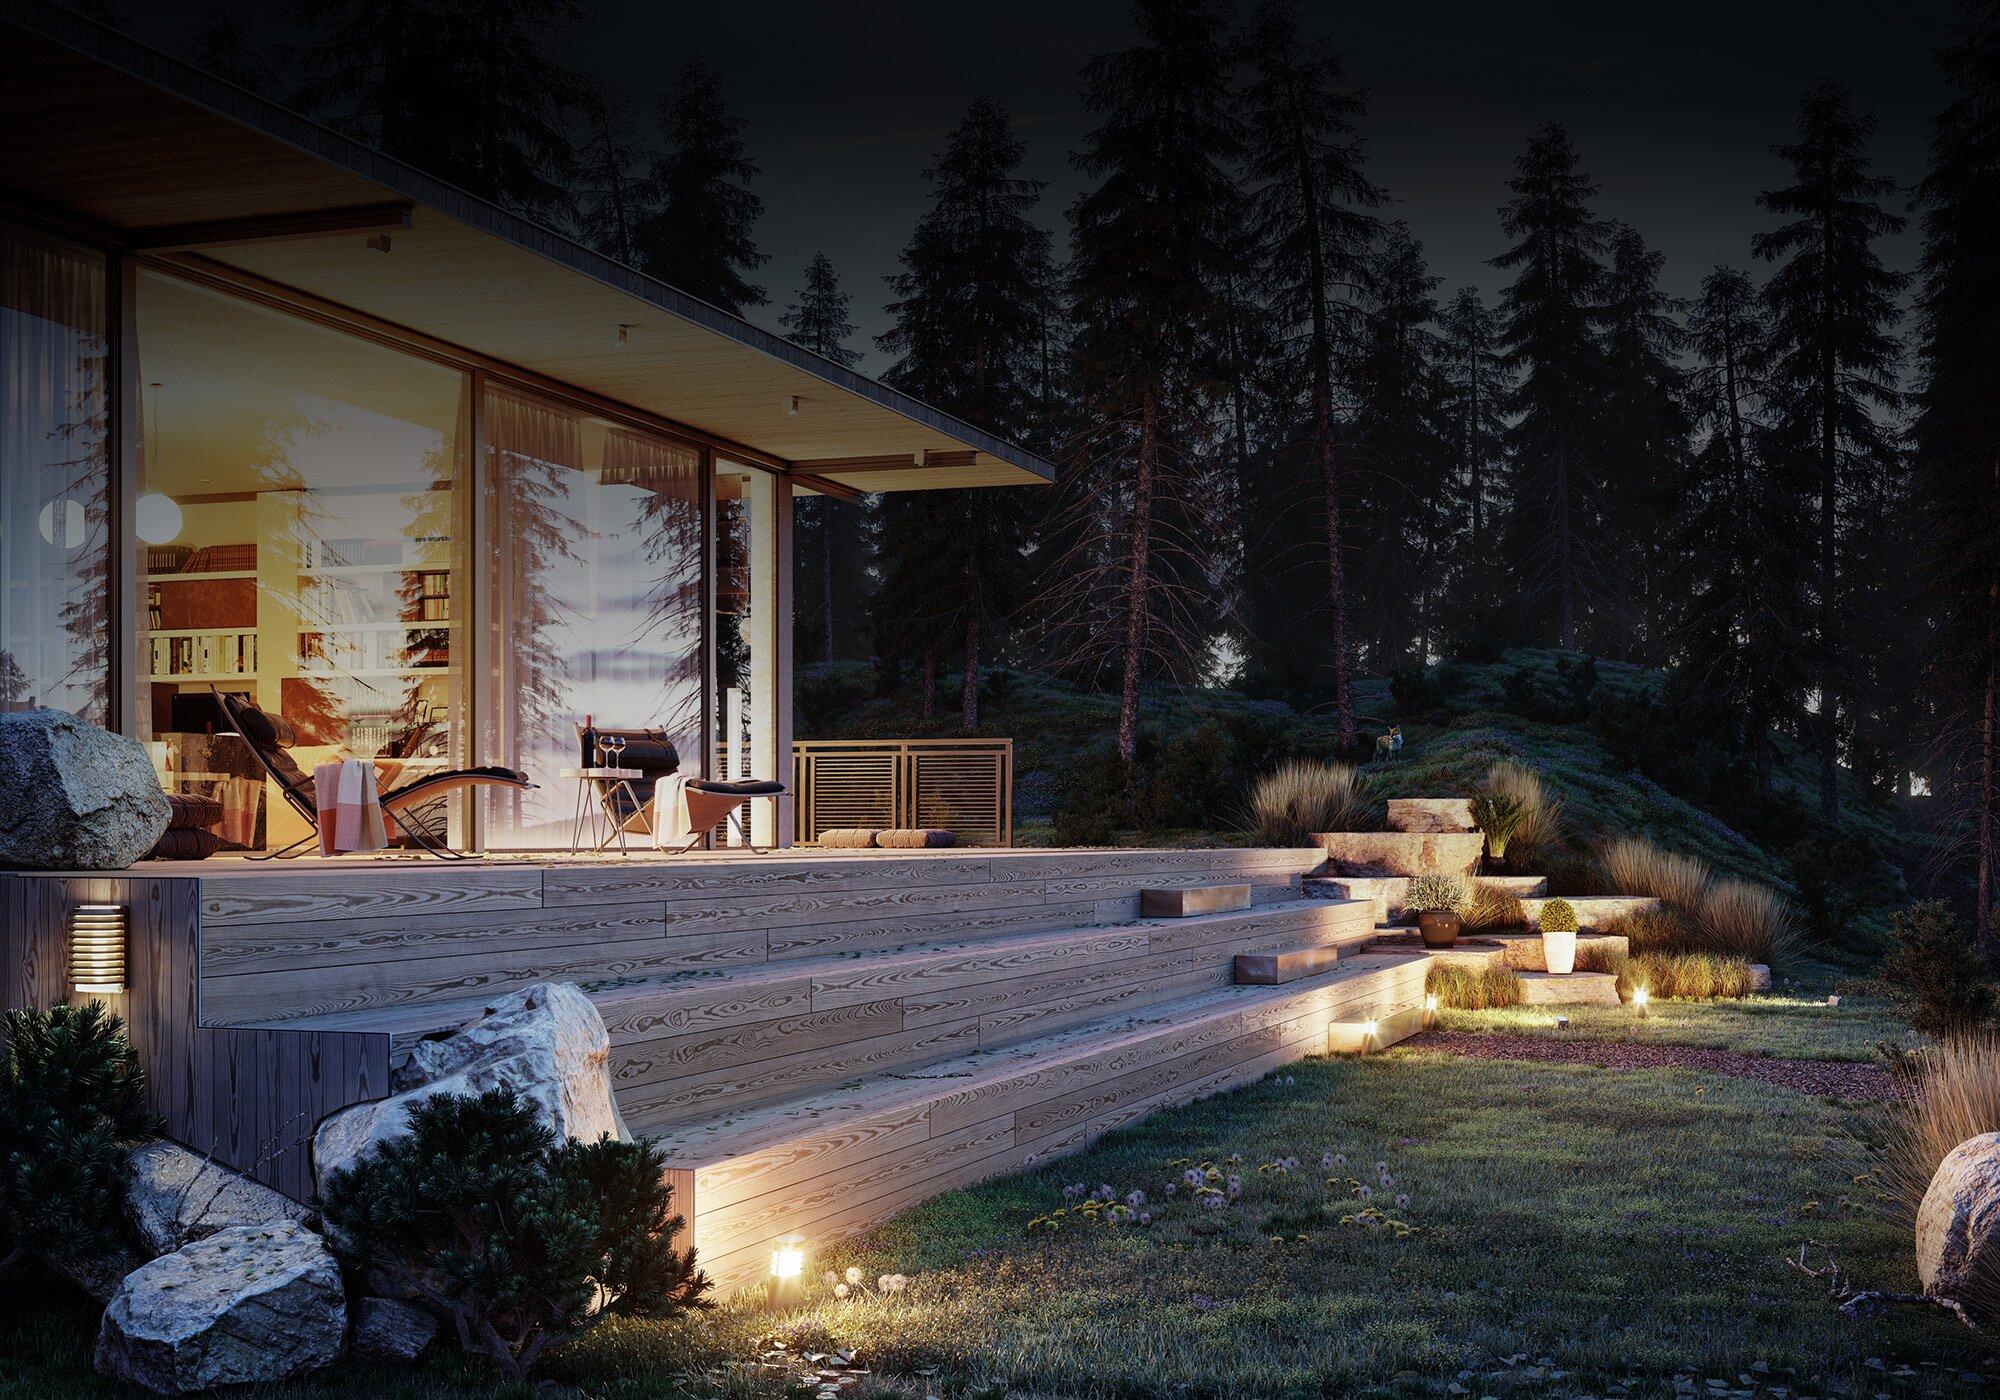 noform | wizualizacje architektoniczne